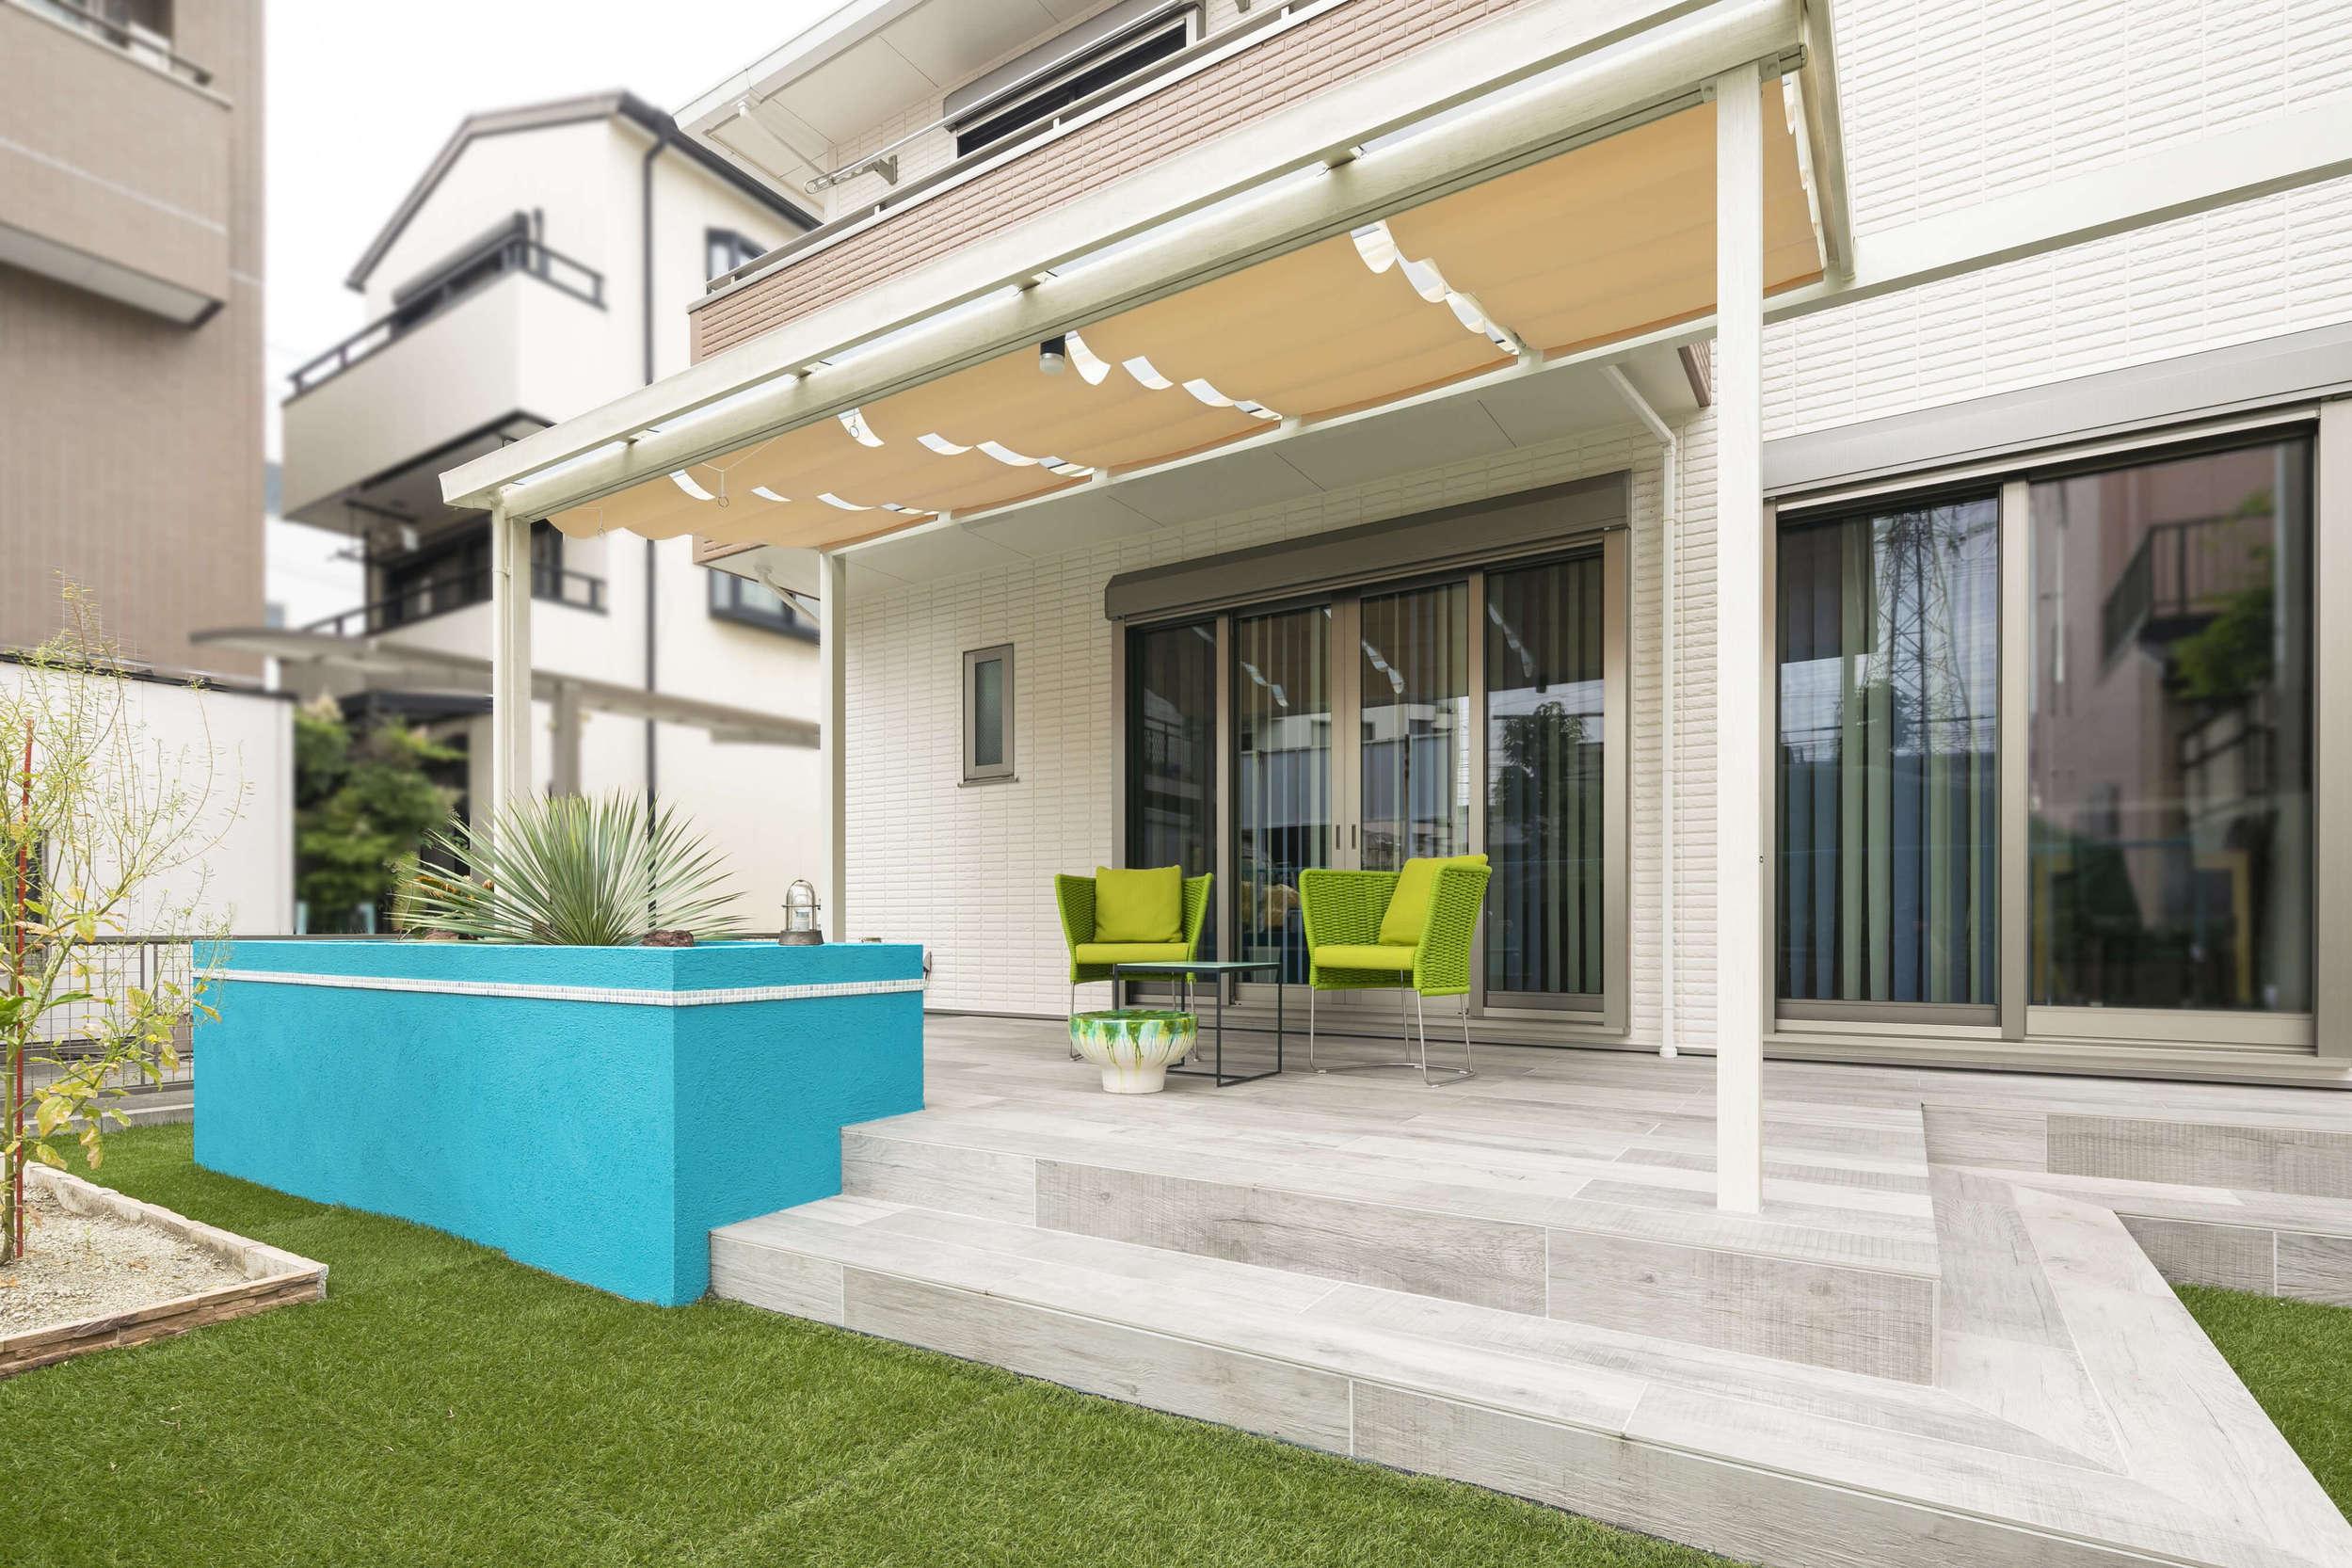 庭 ガーデン リゾート風 マリン風 ブルー 花壇 テラス